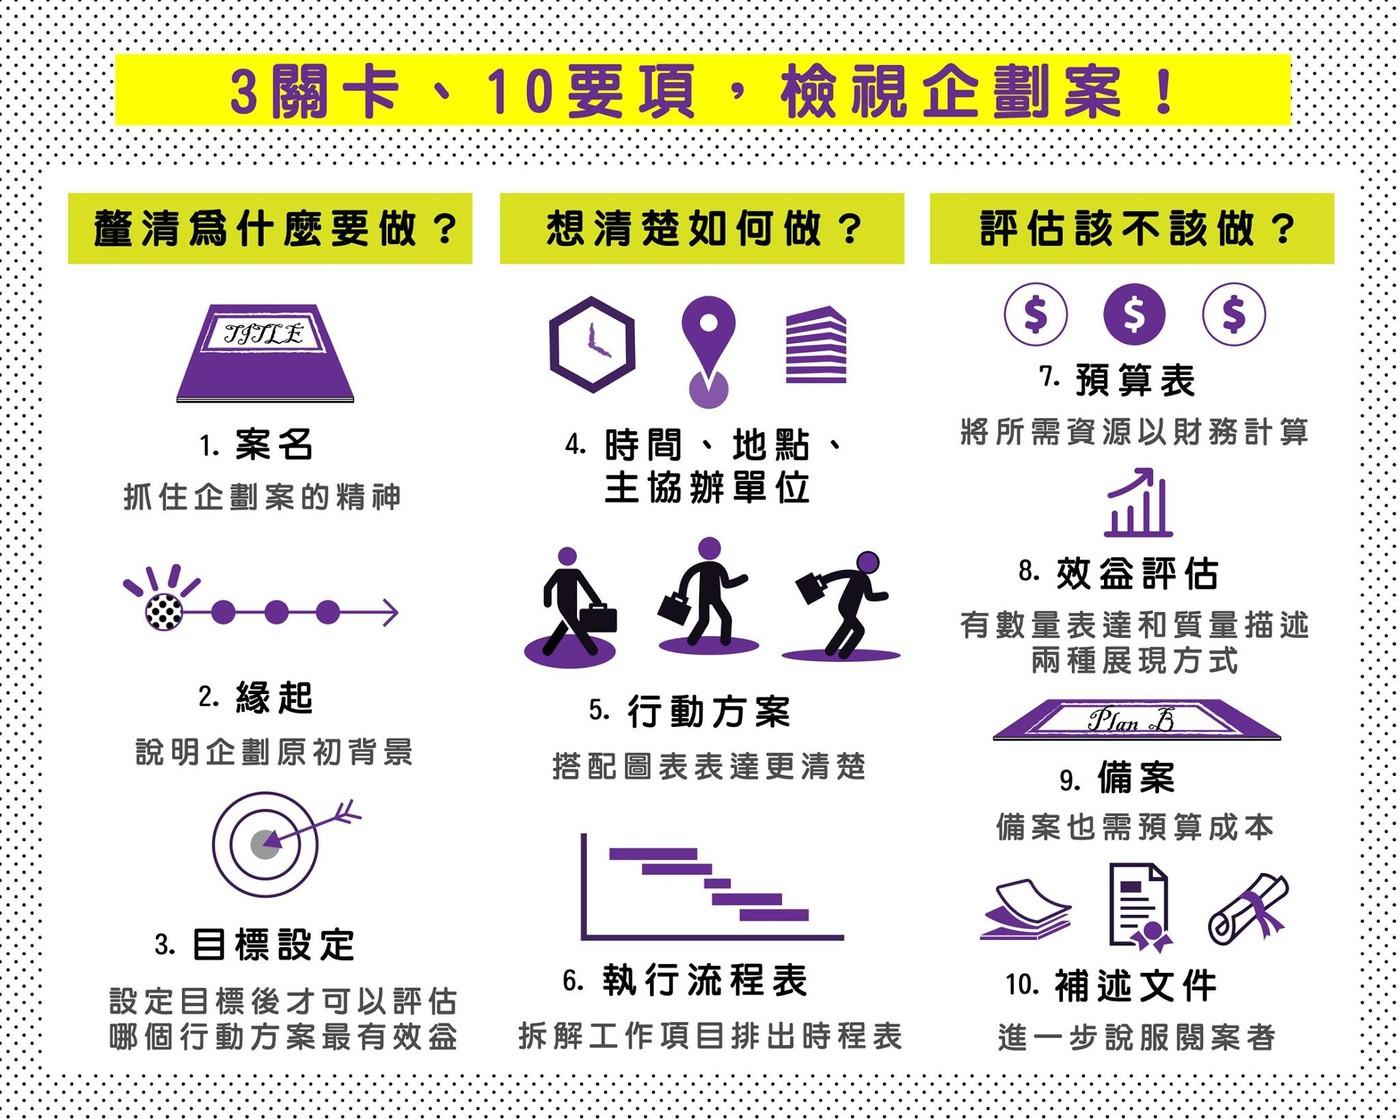 別只會用SWOT!提案企劃要有說服力,先想清楚這10件事 - 華安 - ceo.lin的博客